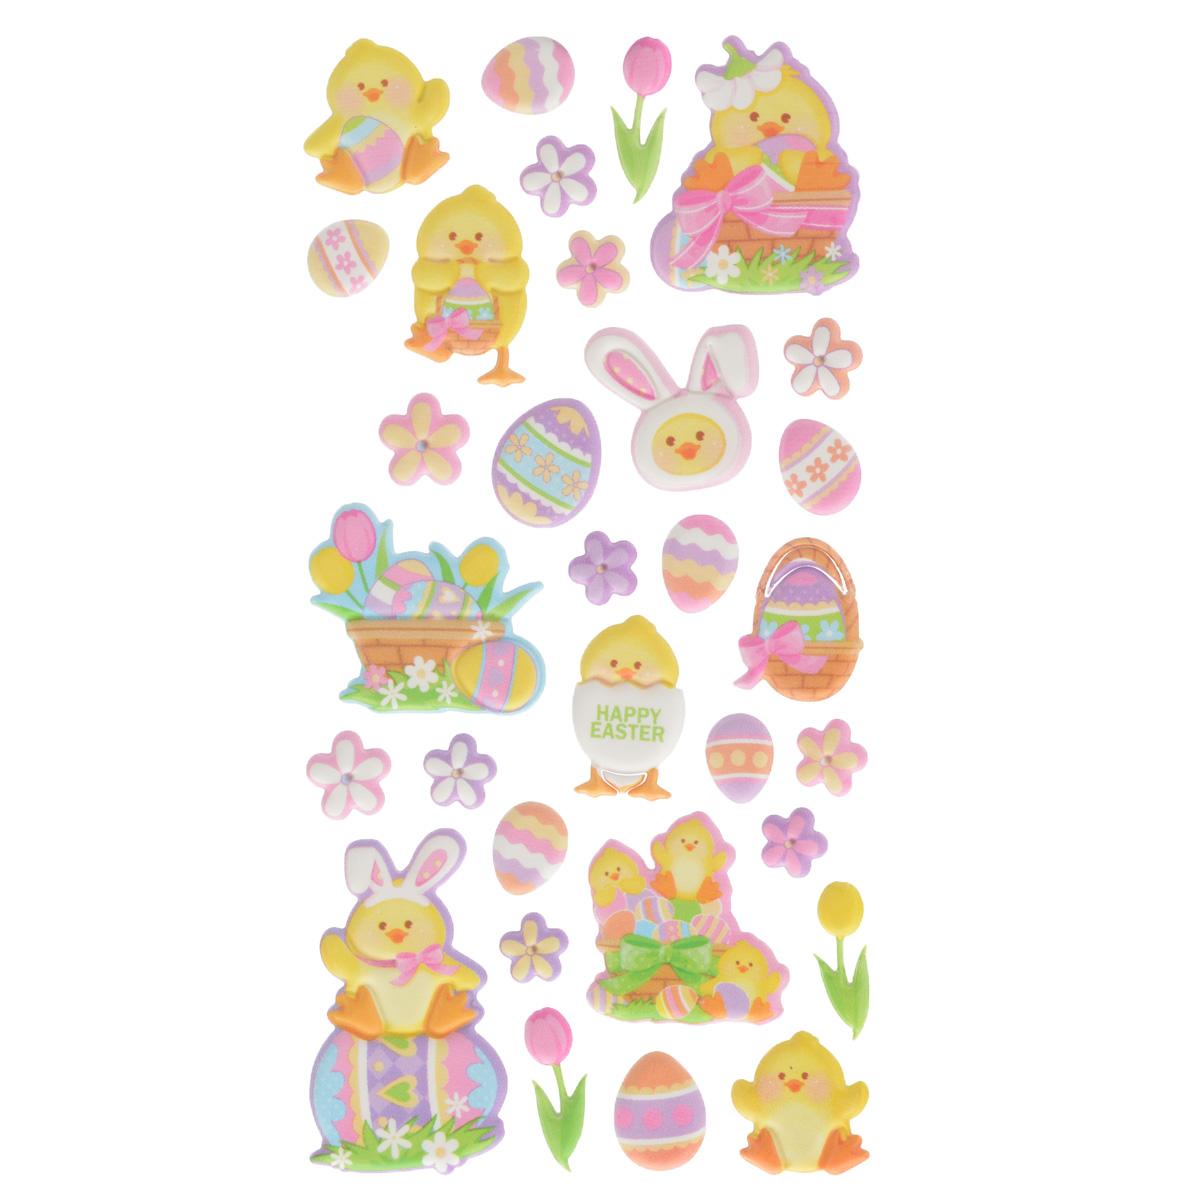 Набор объемных наклеек Home Queen Цыпленок в заячьих ушках, 32 шт300151_темно-розовыйНабор объемных наклеек Home Queen Цыпленок в заячьих ушках прекрасно подойдет для оформления творческих работ. Их можно использовать для скрапбукинга, украшения упаковок, подарков и конвертов, открыток, декорирования коллажей, фотографий, изделий ручной работы и предметов интерьера. Объемные наклейки выполнены из пластика. Задняя сторона клейкая. В наборе - 32 объемные наклейки, выполненные в виде цыпленка, пасхальных яиц и цветов. Такой набор украшений создаст атмосферу праздника в вашем доме. Комплектация: 32 шт.Средний размер наклейки: 2,5 см х 2,5 см.